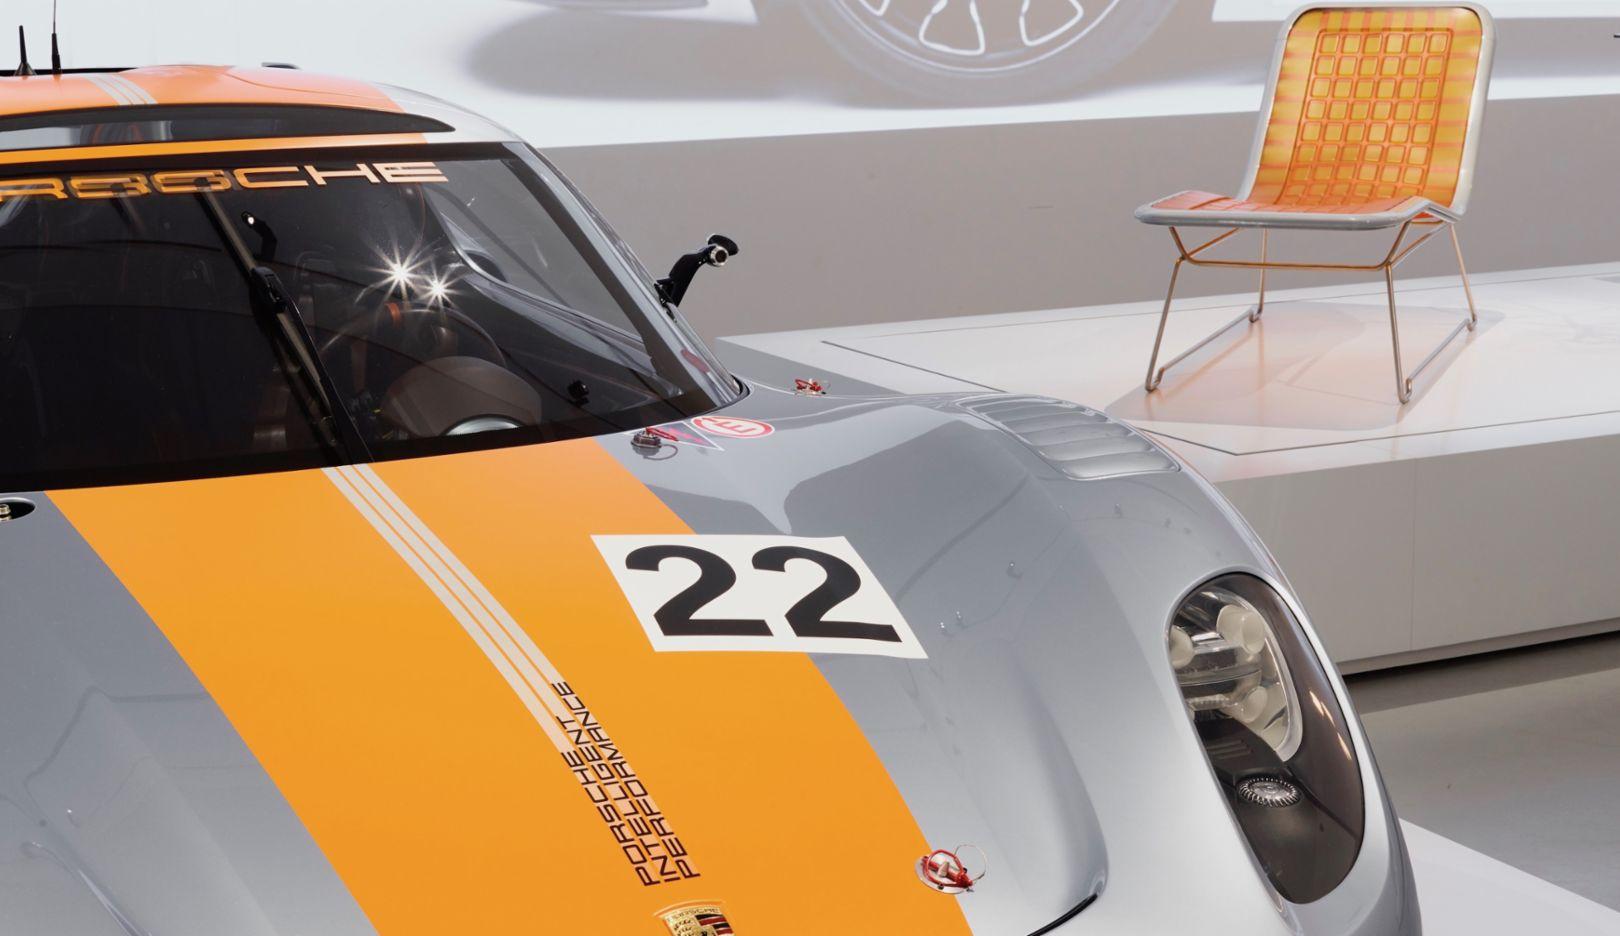 """Ausstellung """"Driven by German Design"""", Qatar Museum, 2017, Porsche AG"""